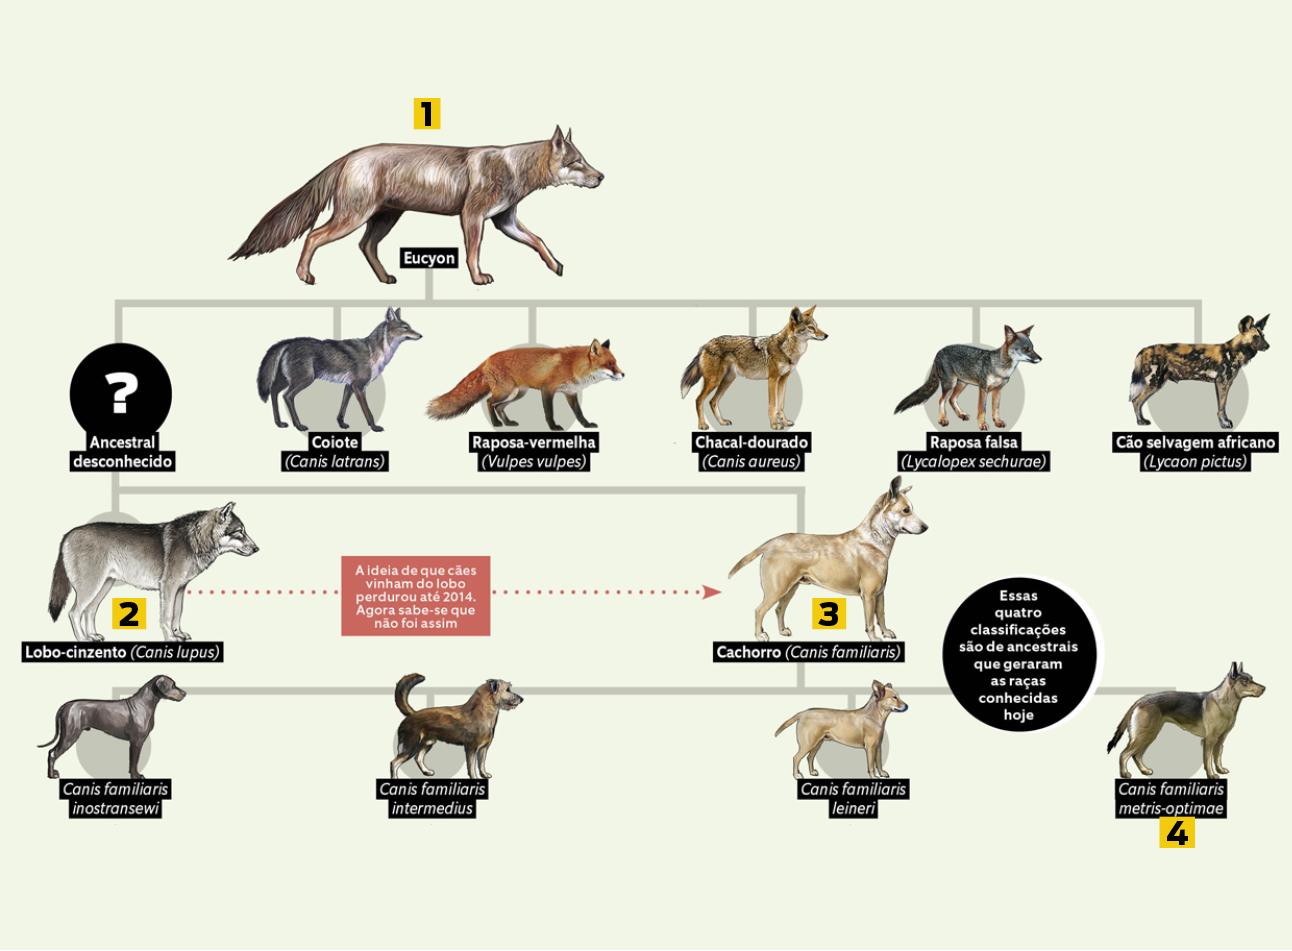 cães 9 - evolução 1